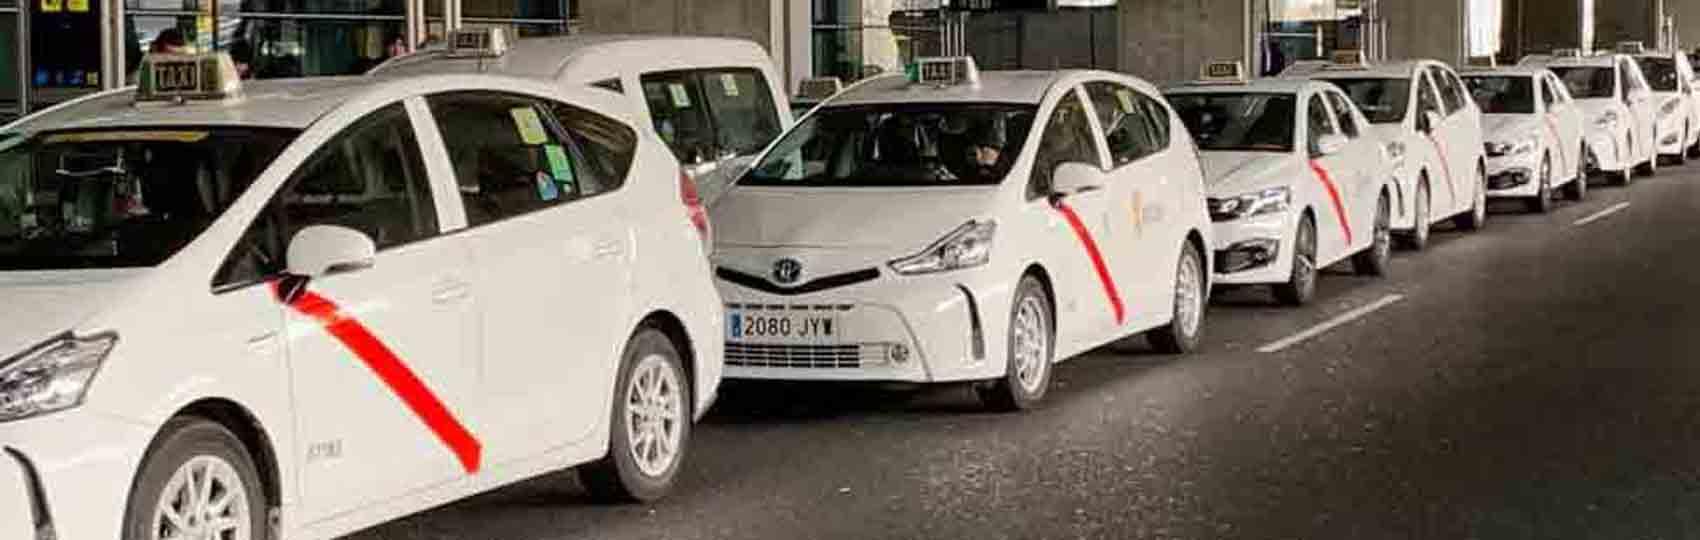 Noticias del sector del taxi y la movilidad en Madrid. Mantente informado de todas las noticias del taxi de Madrid en el grupo de Facebook de Todo Taxi.